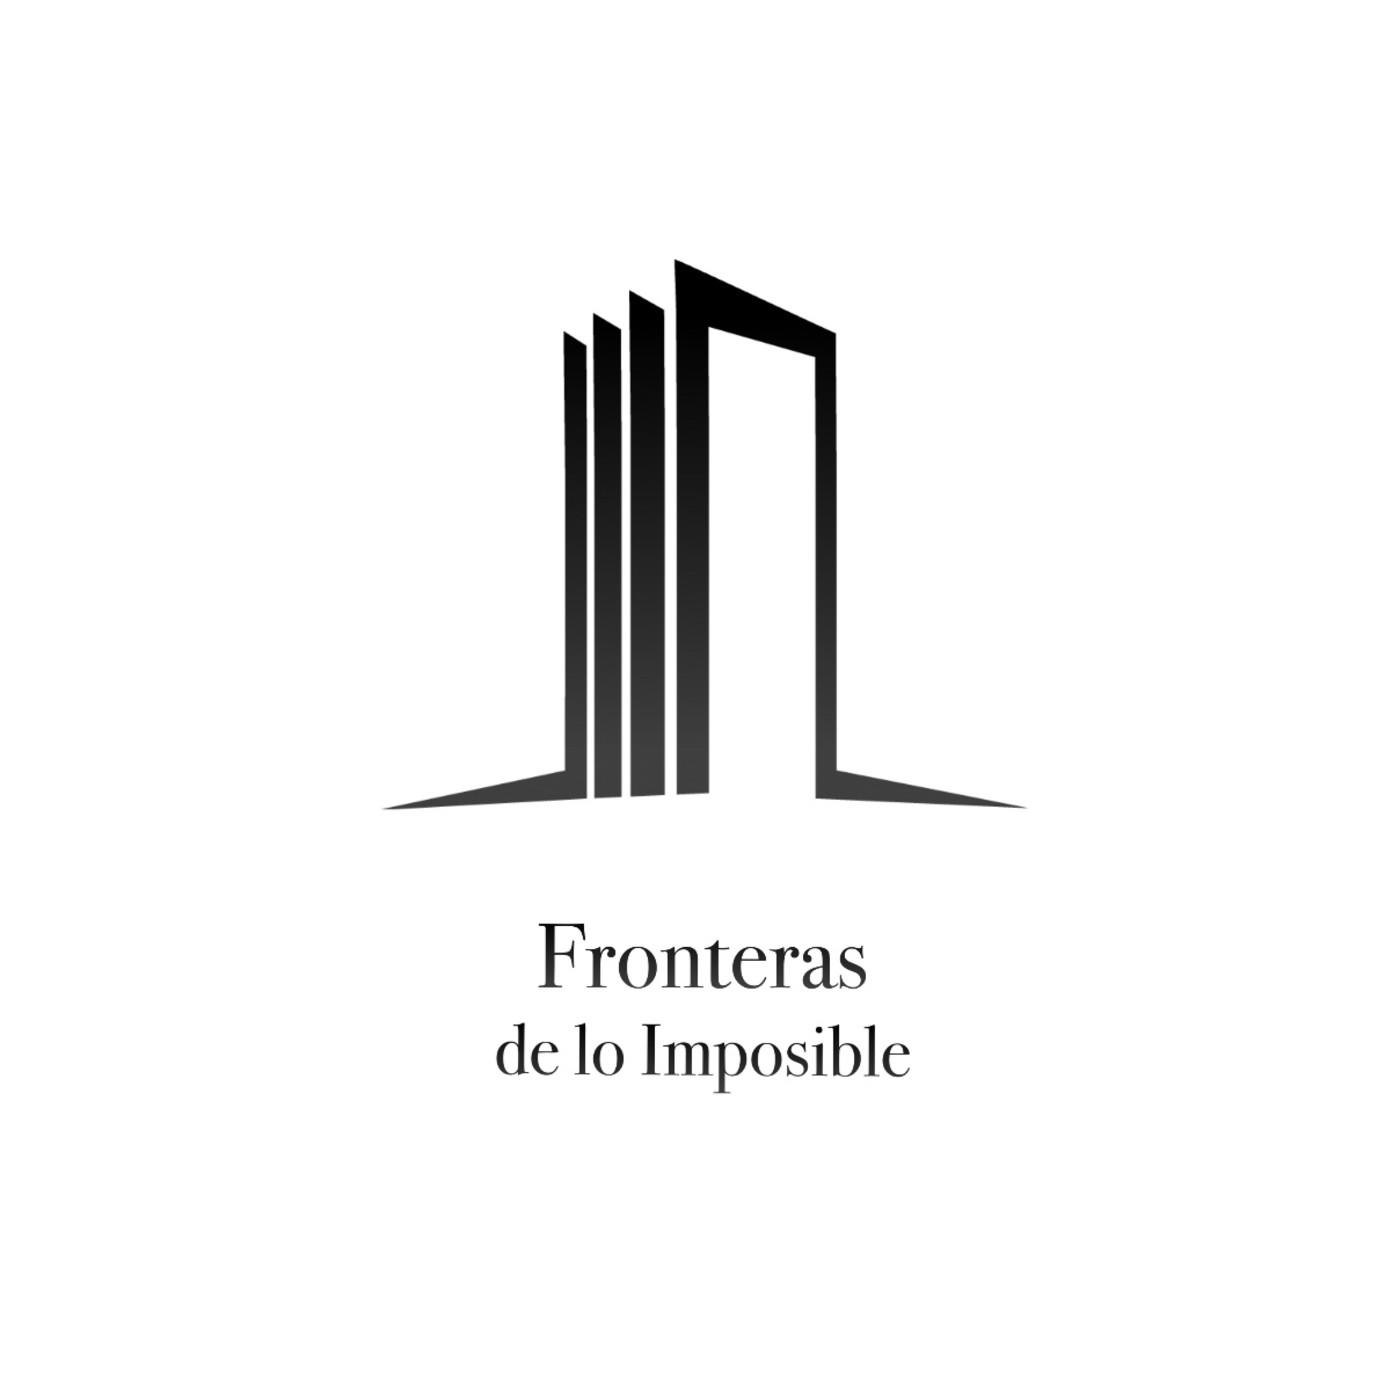 Fronteras de lo Imposible